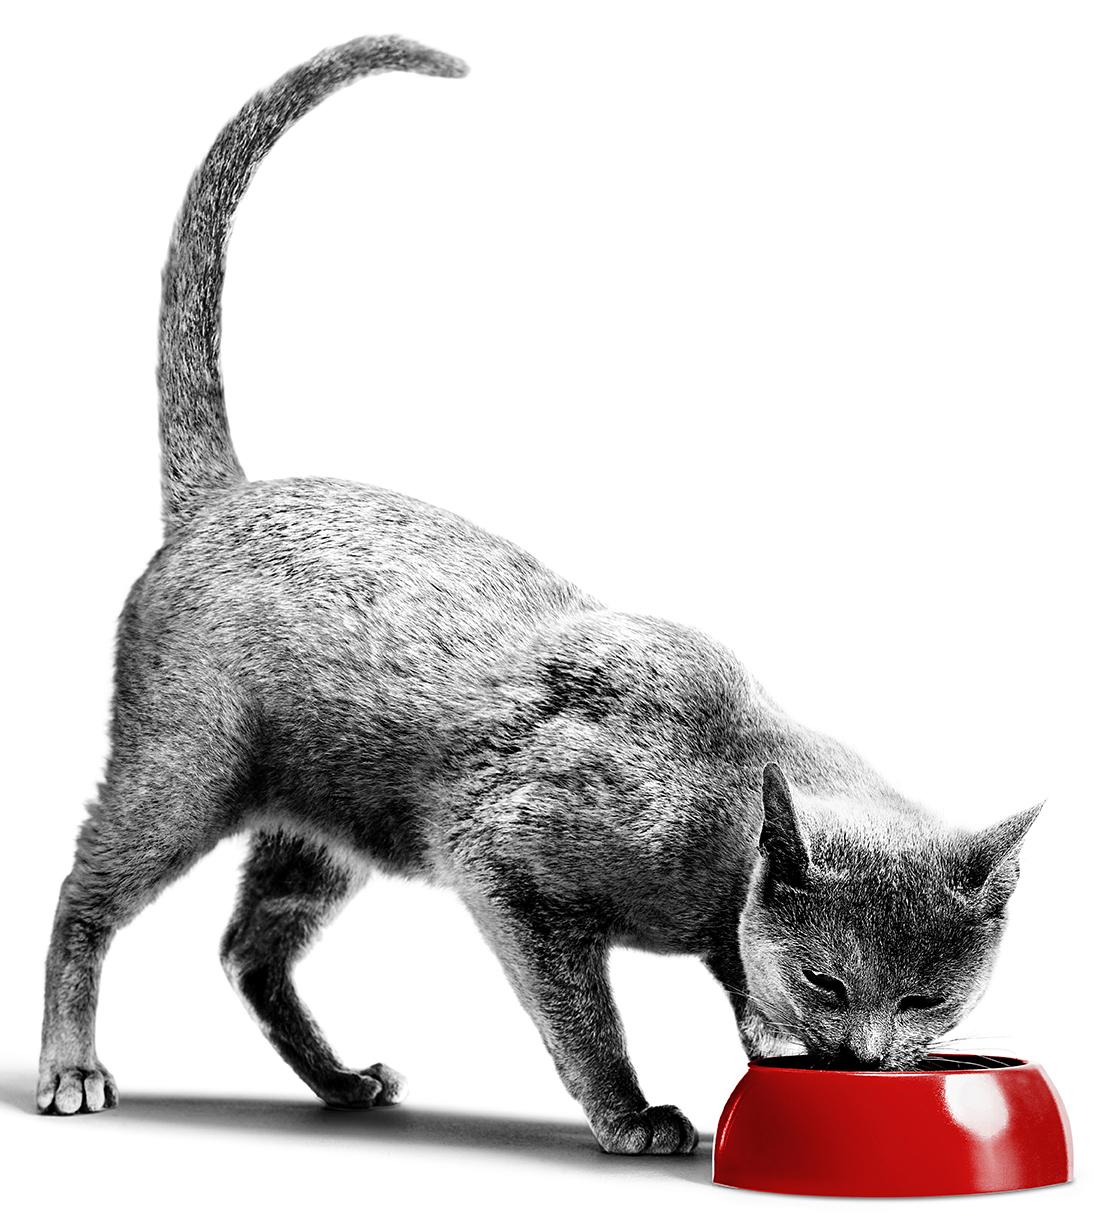 Quel est le meilleur aliment pour mon chat ?